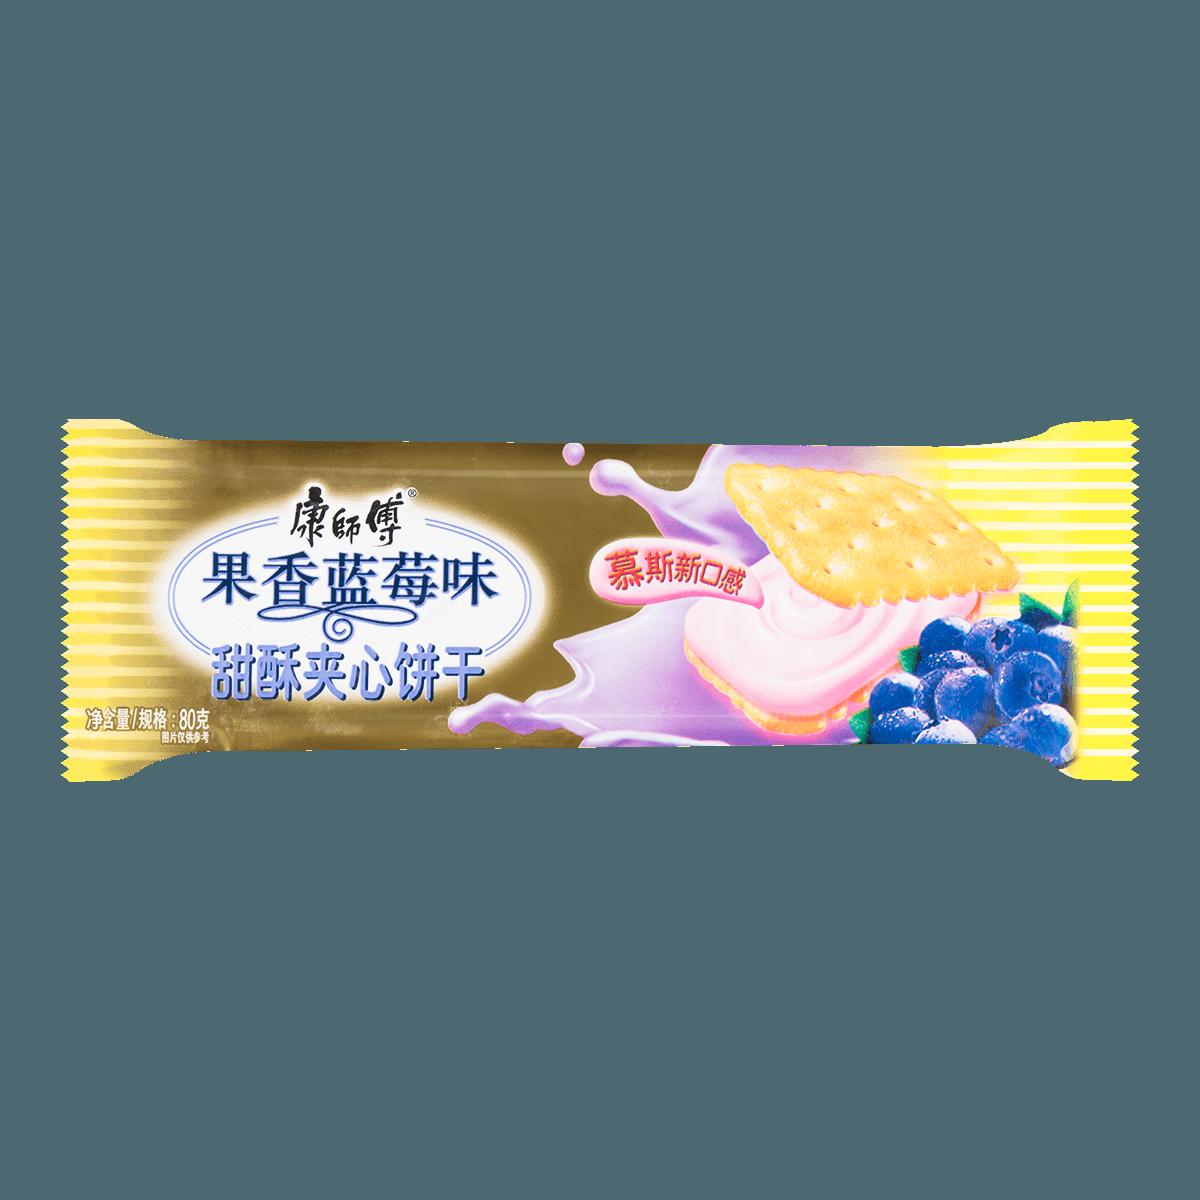 康师傅 甜酥夹心饼干 果香蓝莓味 80g